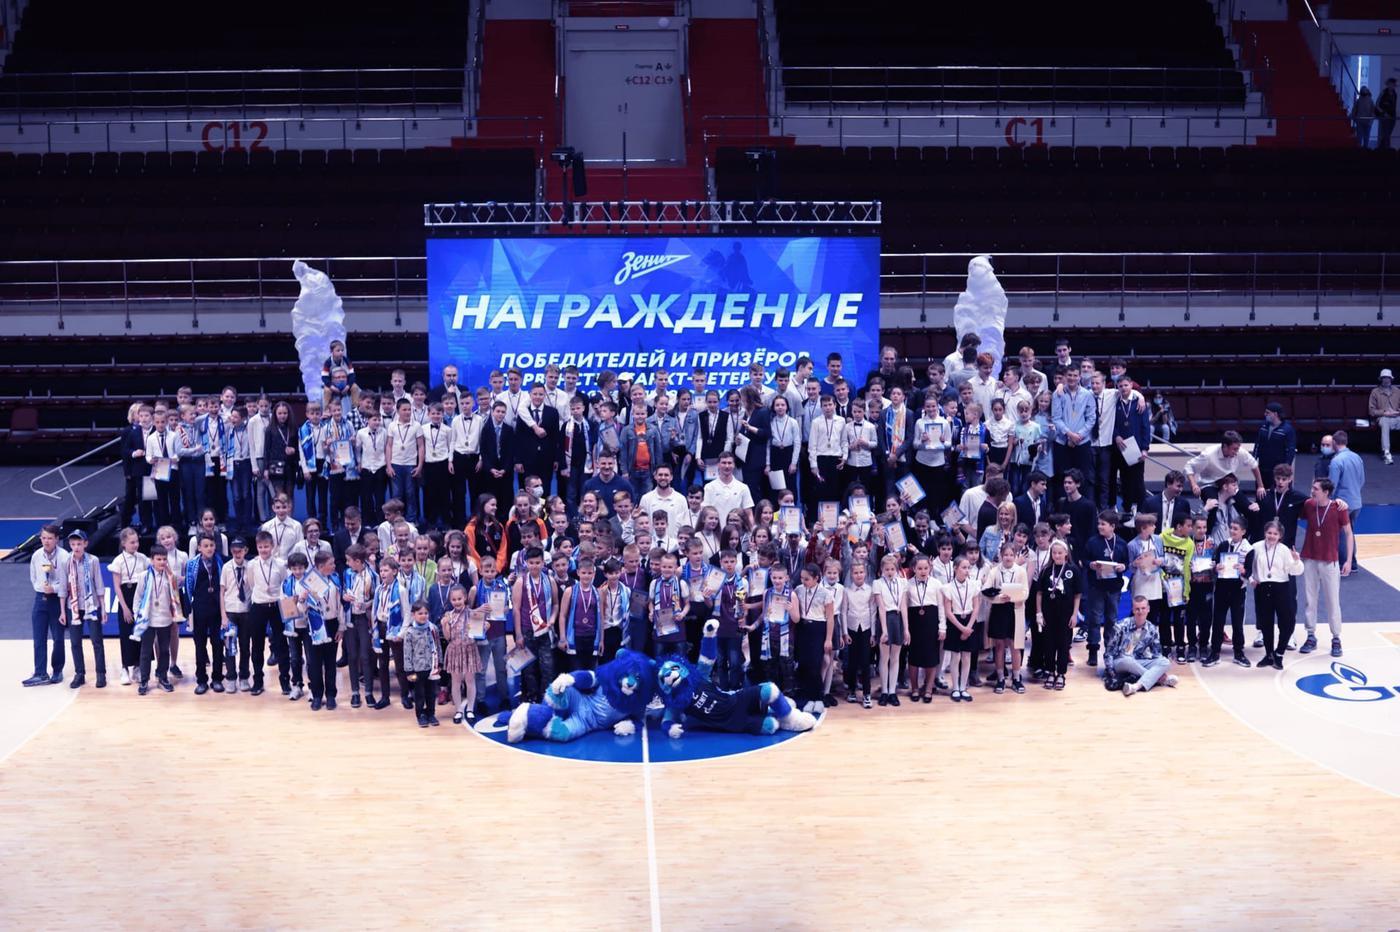 «Зенит» провел баскетбольный праздник для 800 человек - фото